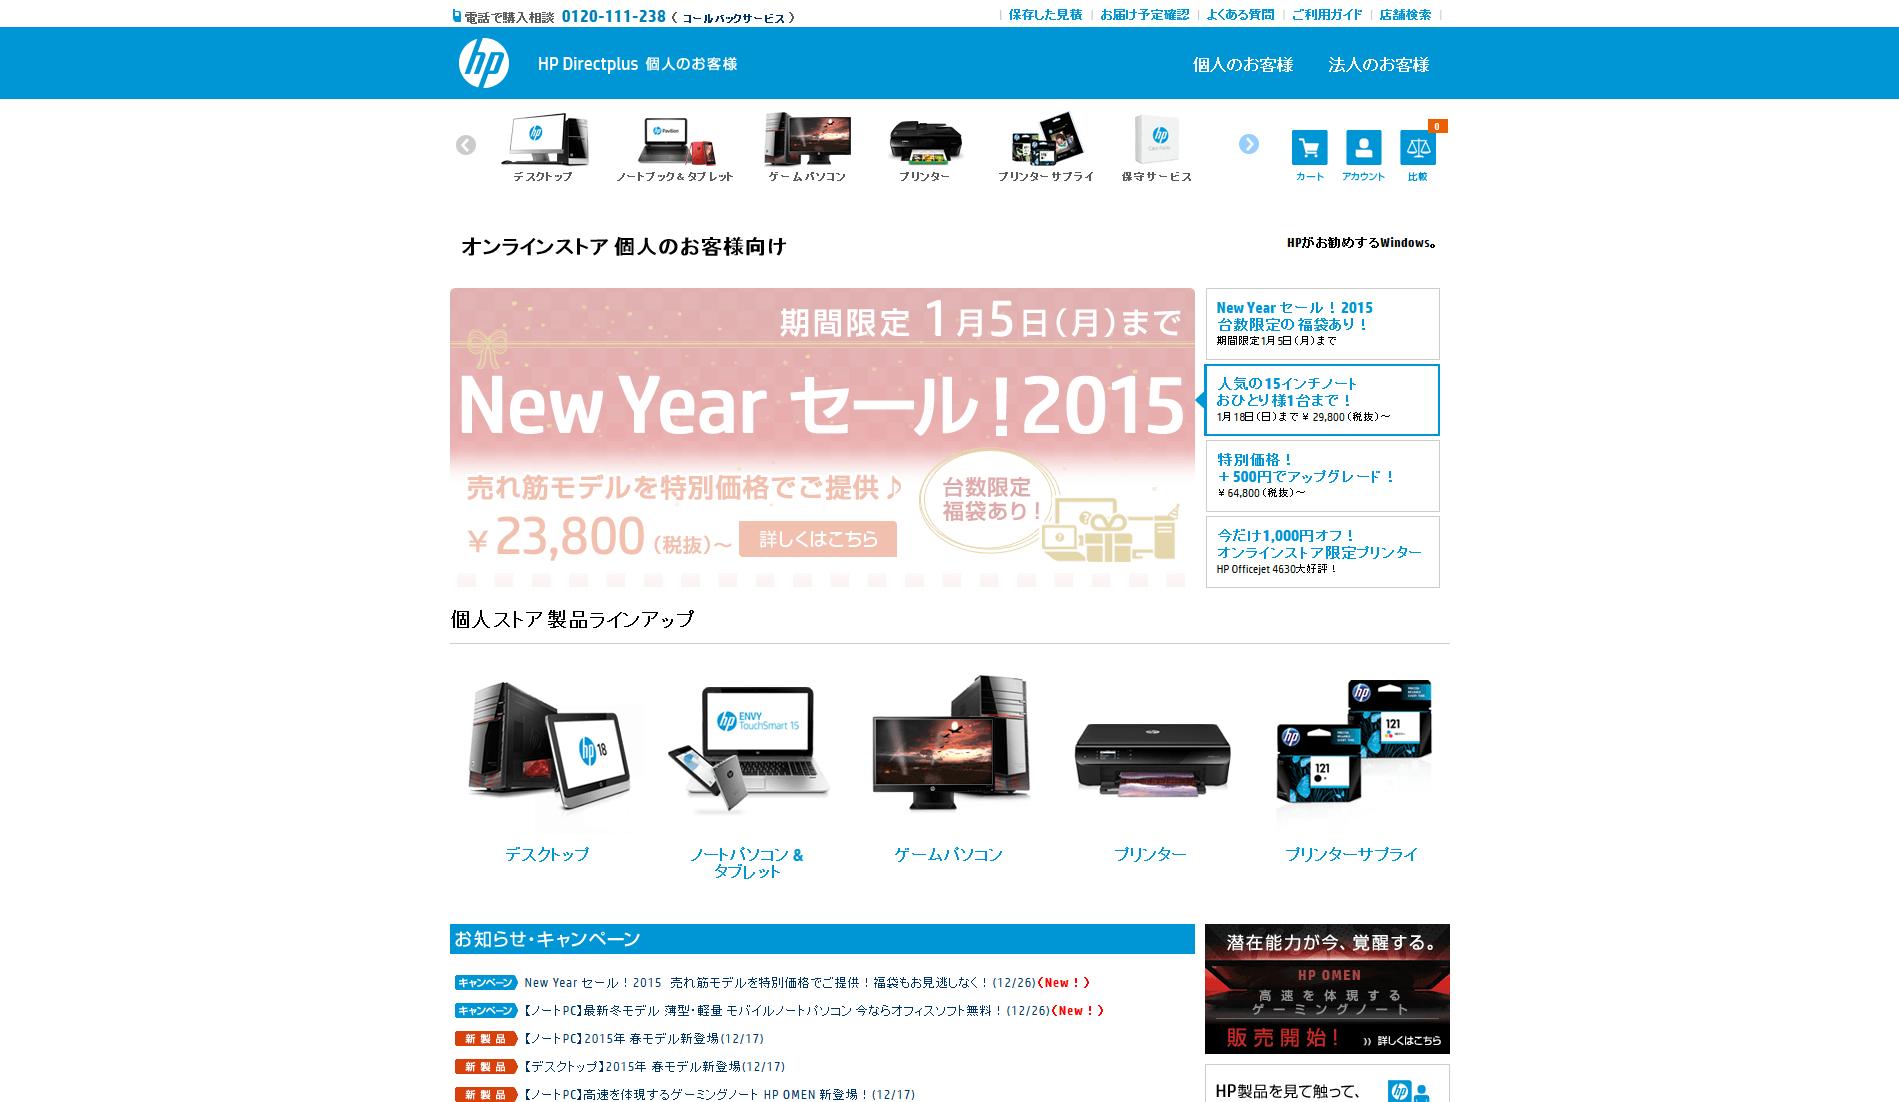 日本HP HP Directplus 個人のお客様 TOP